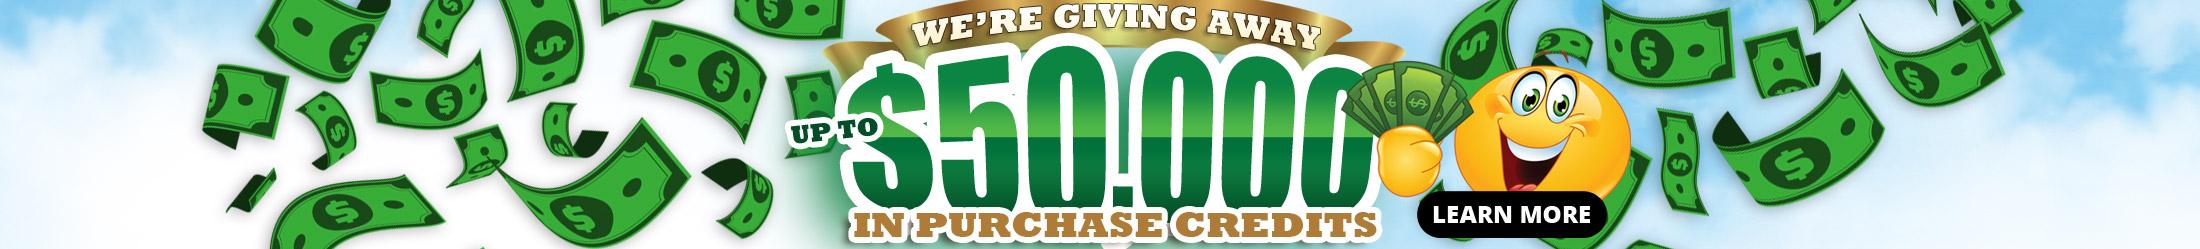 50k-giveaway-web-banner-sm-1